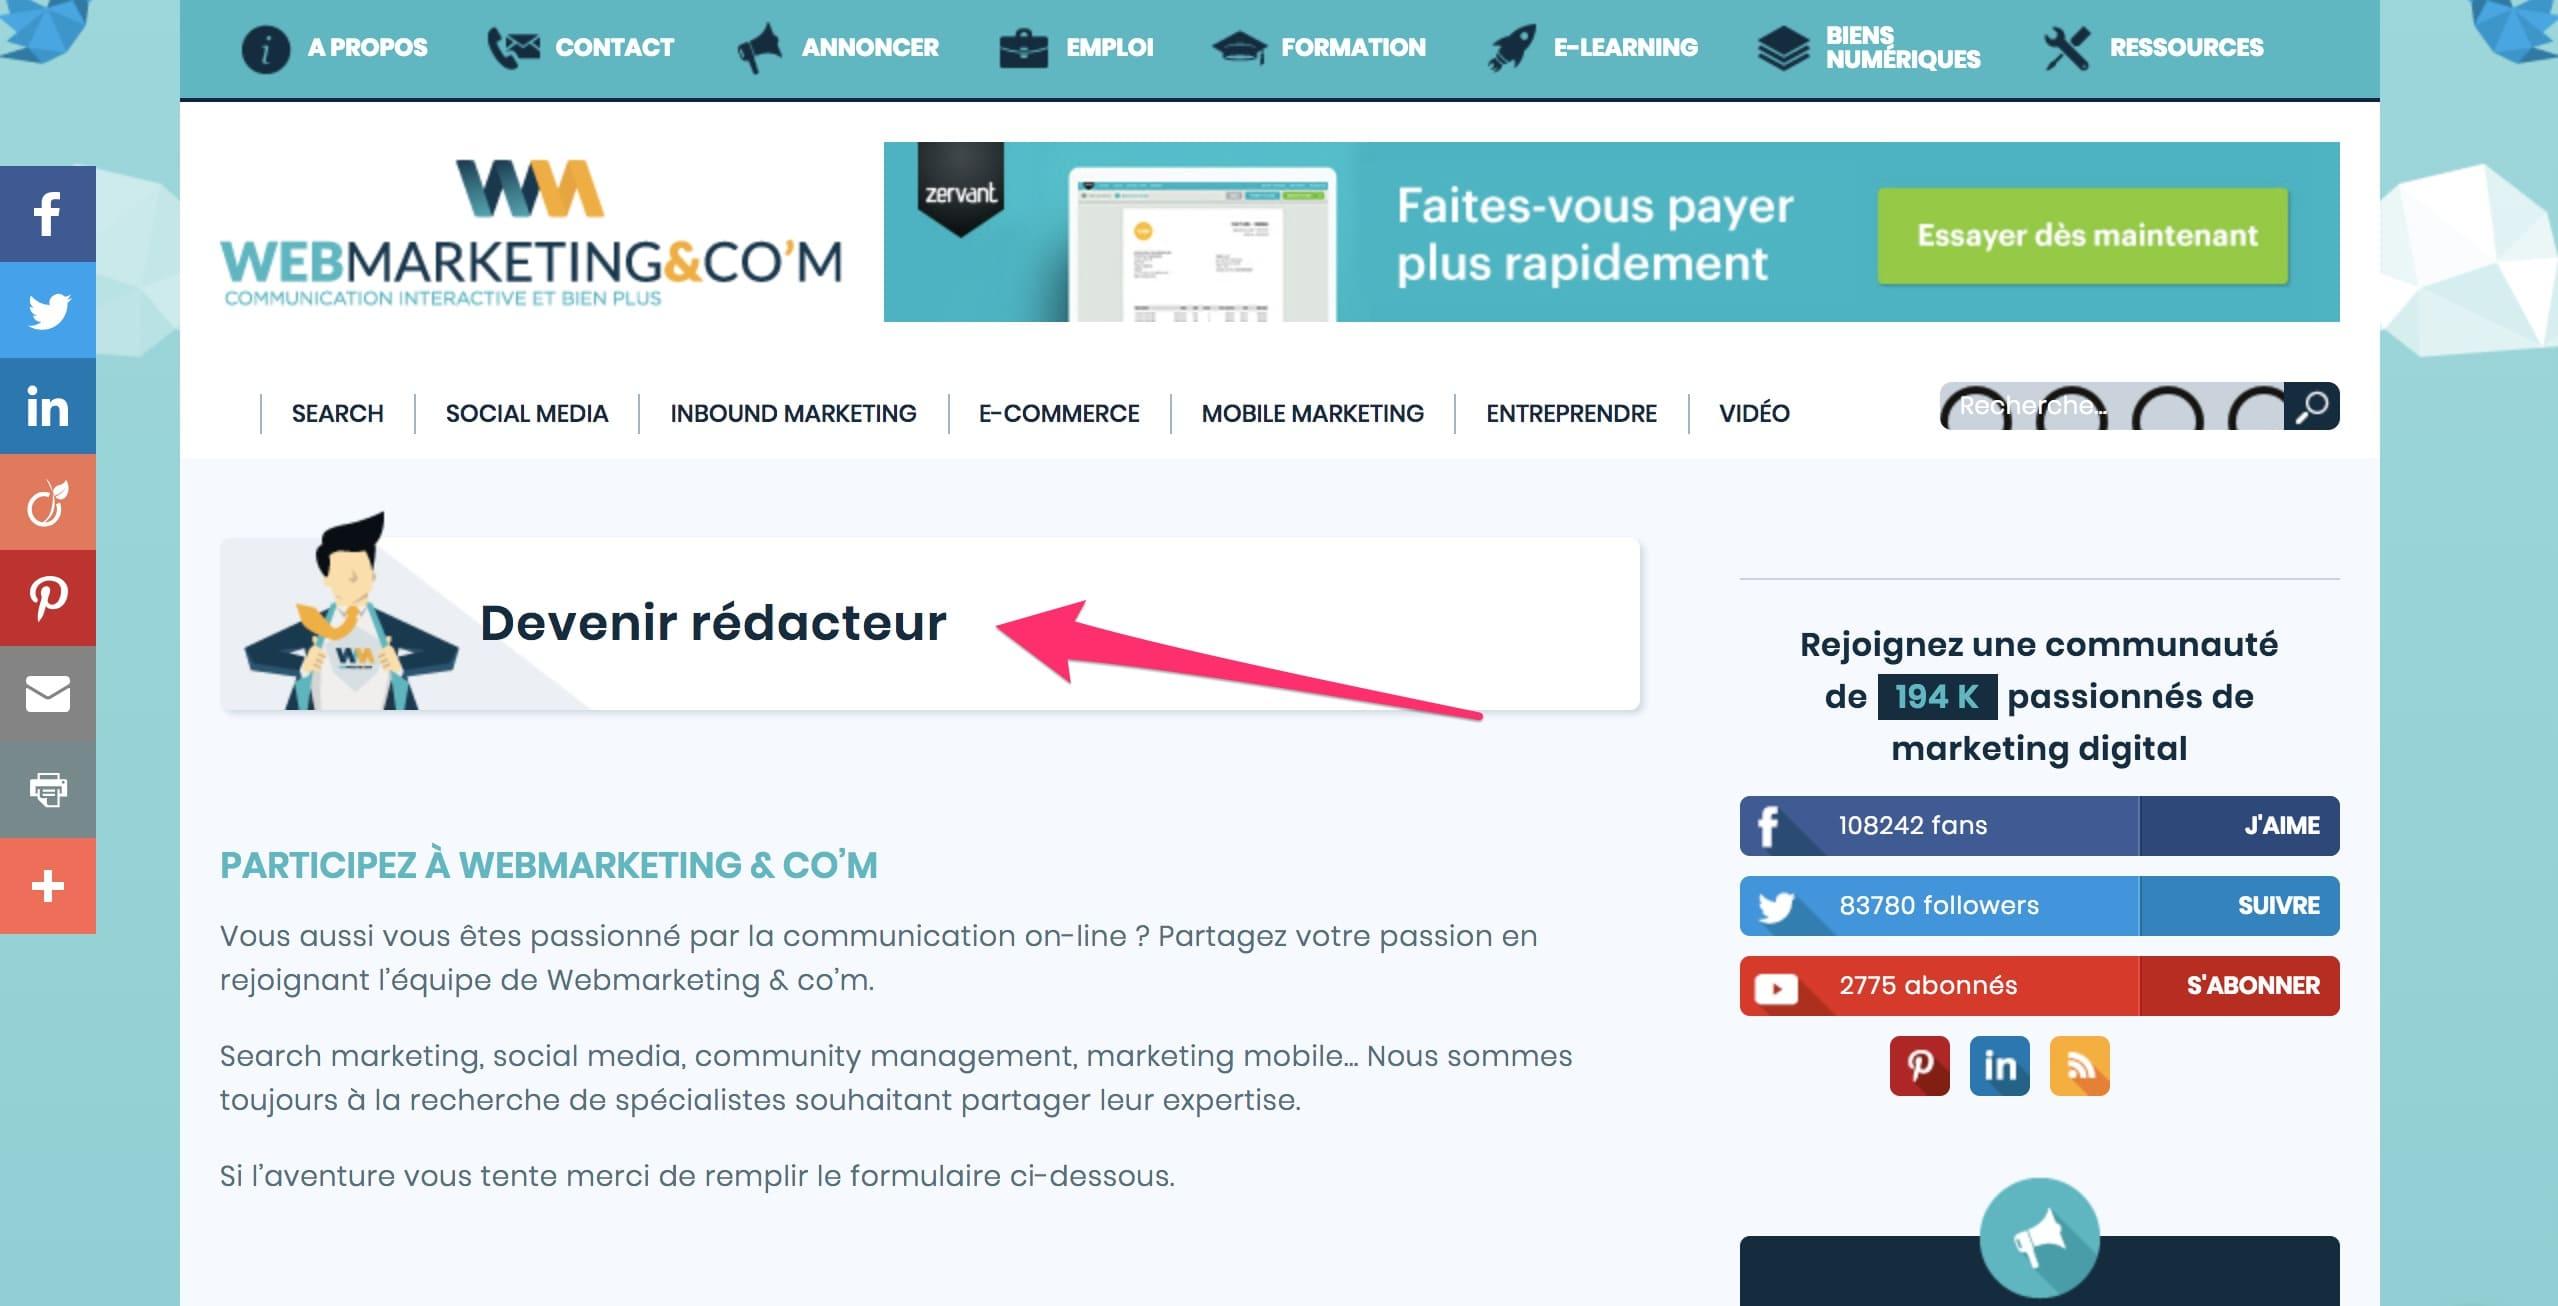 Promotion de votre entreprise - partez du Web!